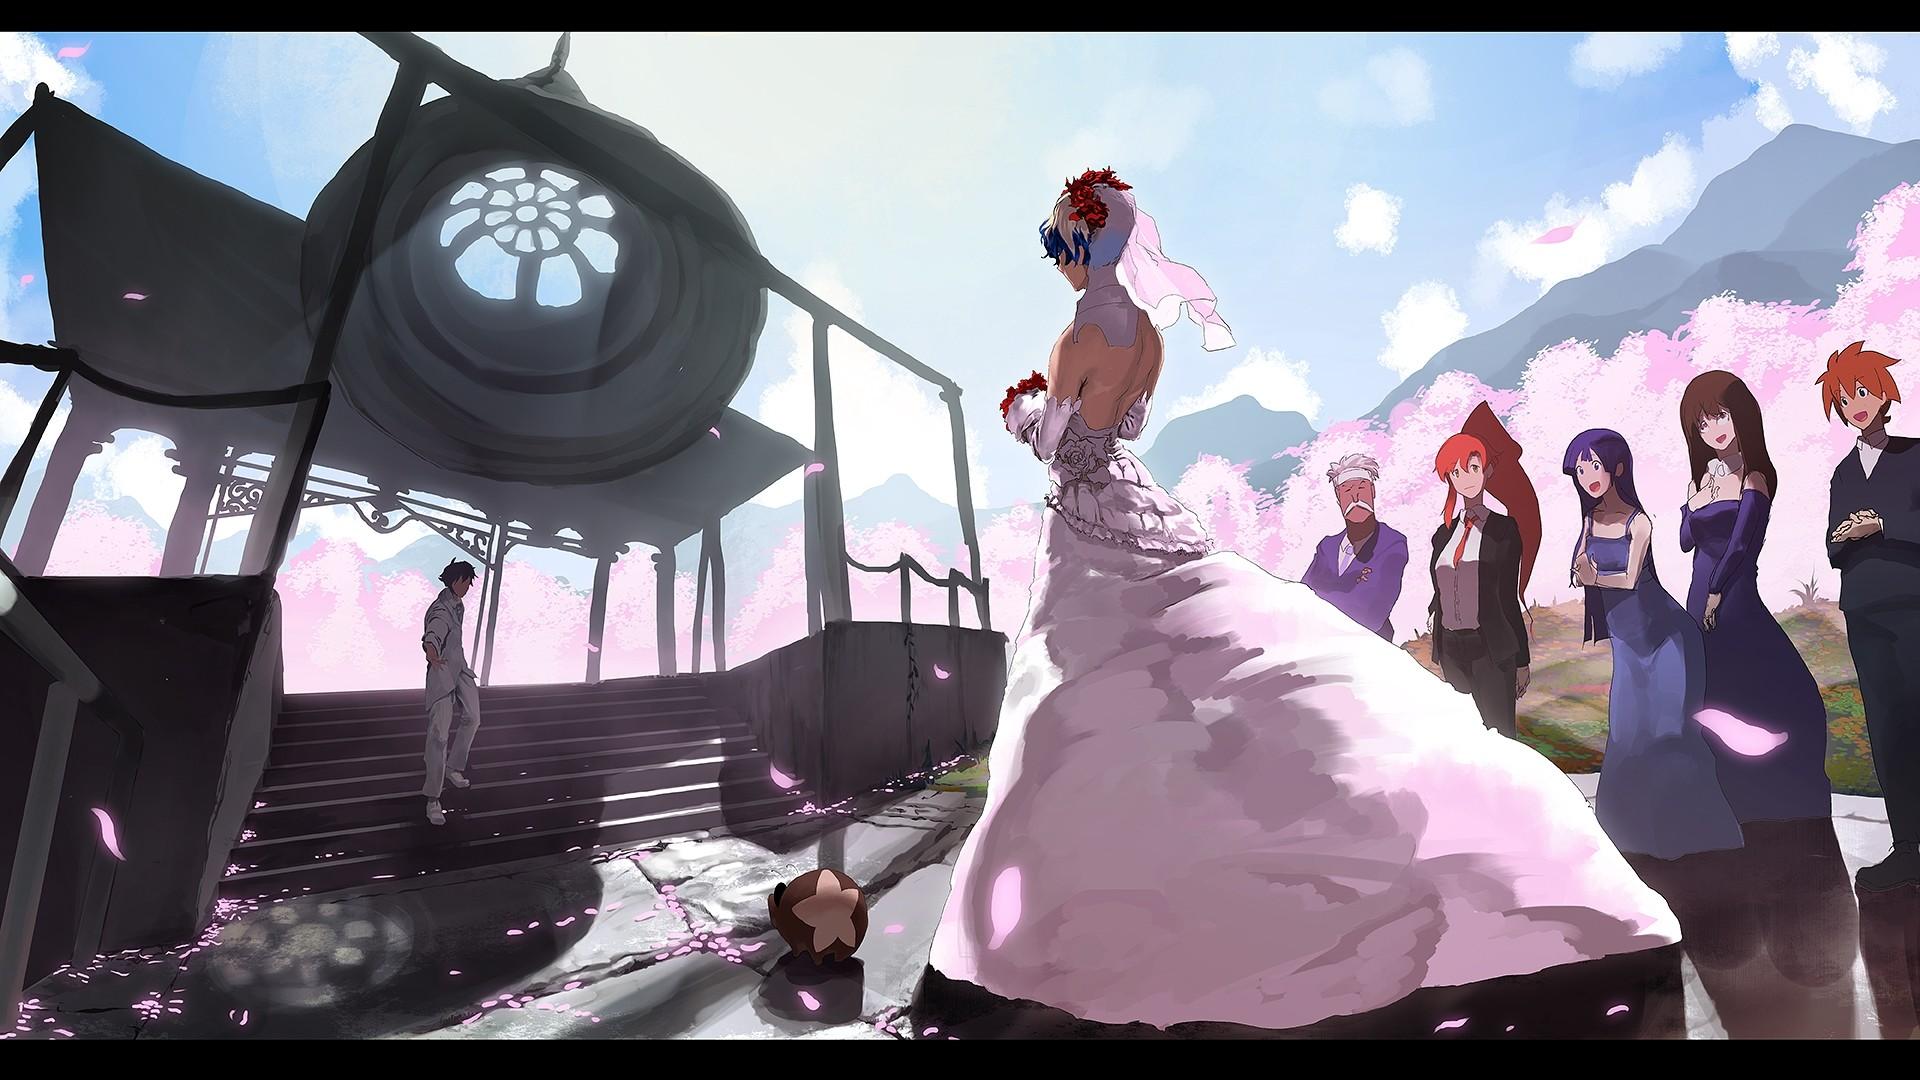 Yoko Littner, Sakura Petals, Wedding, Bouquet, Pixiv, Wedding Dress, Scenery